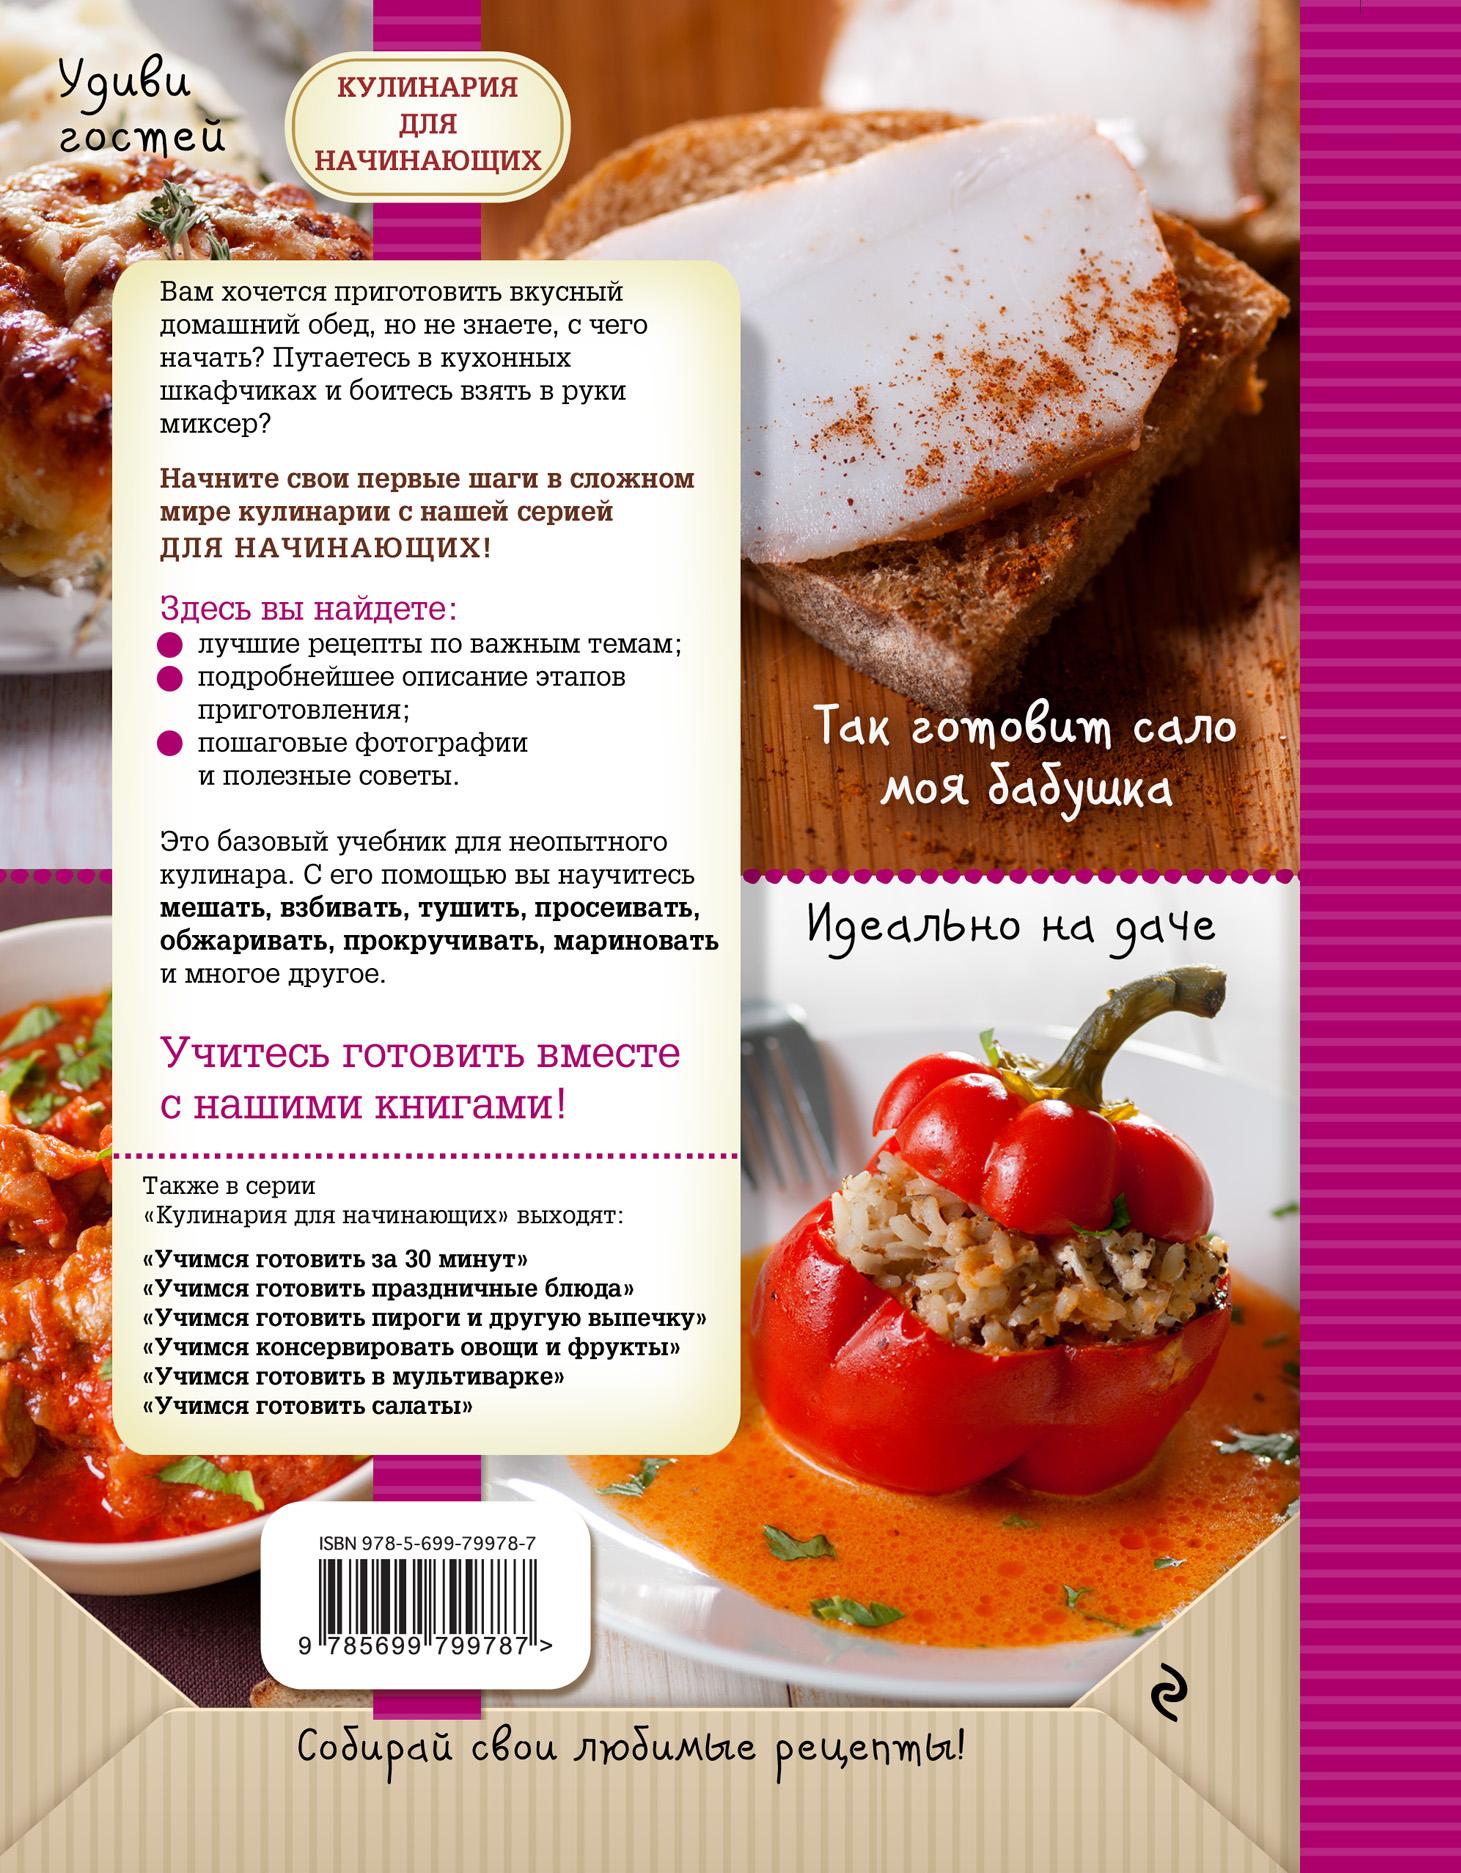 Кулинария рецепты пошаговое